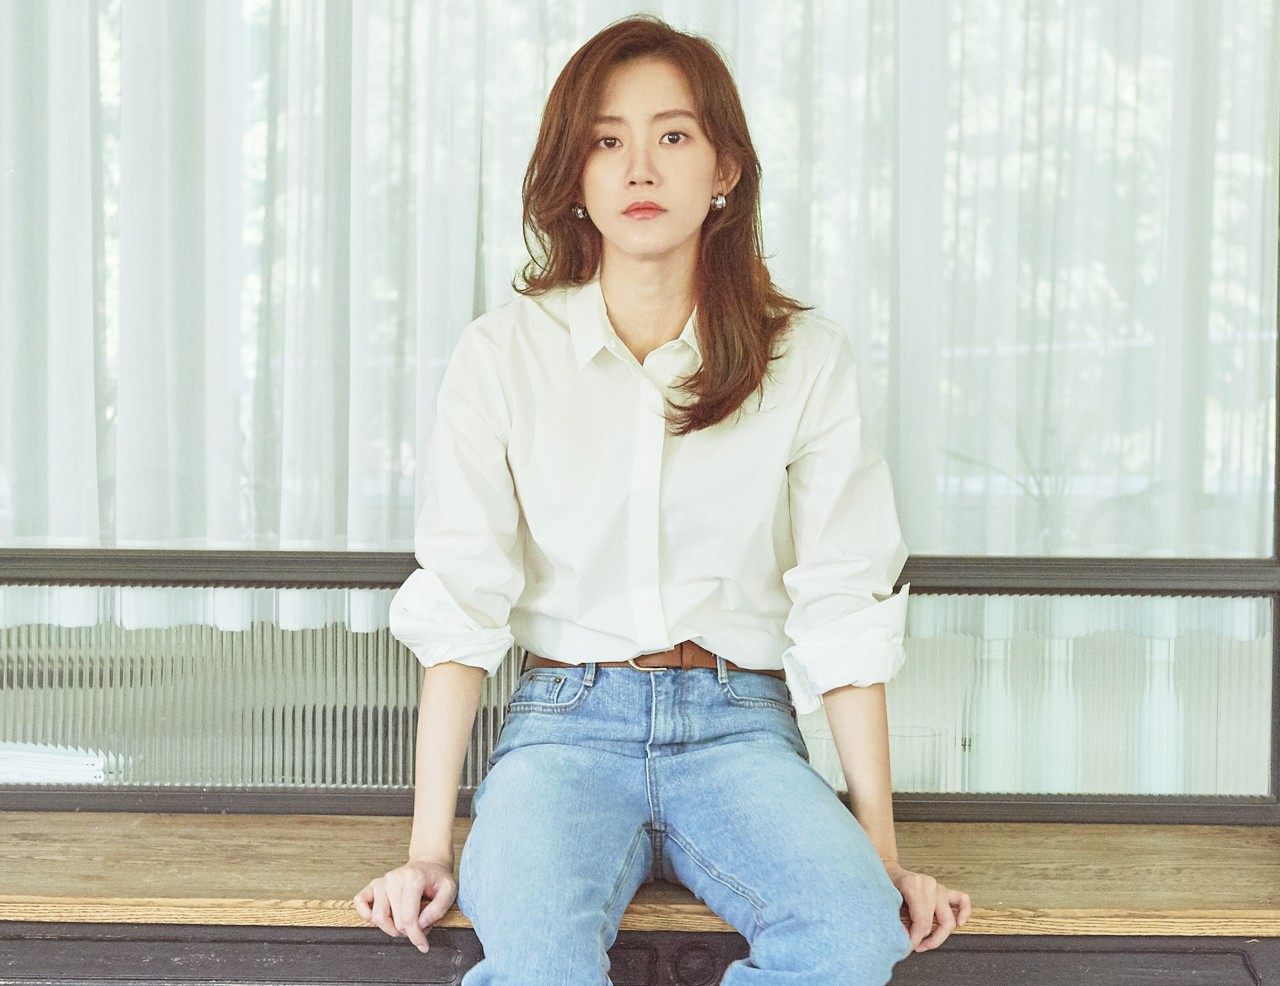 Shin Hyun-bin (Choi Seong Hyeon Studio)